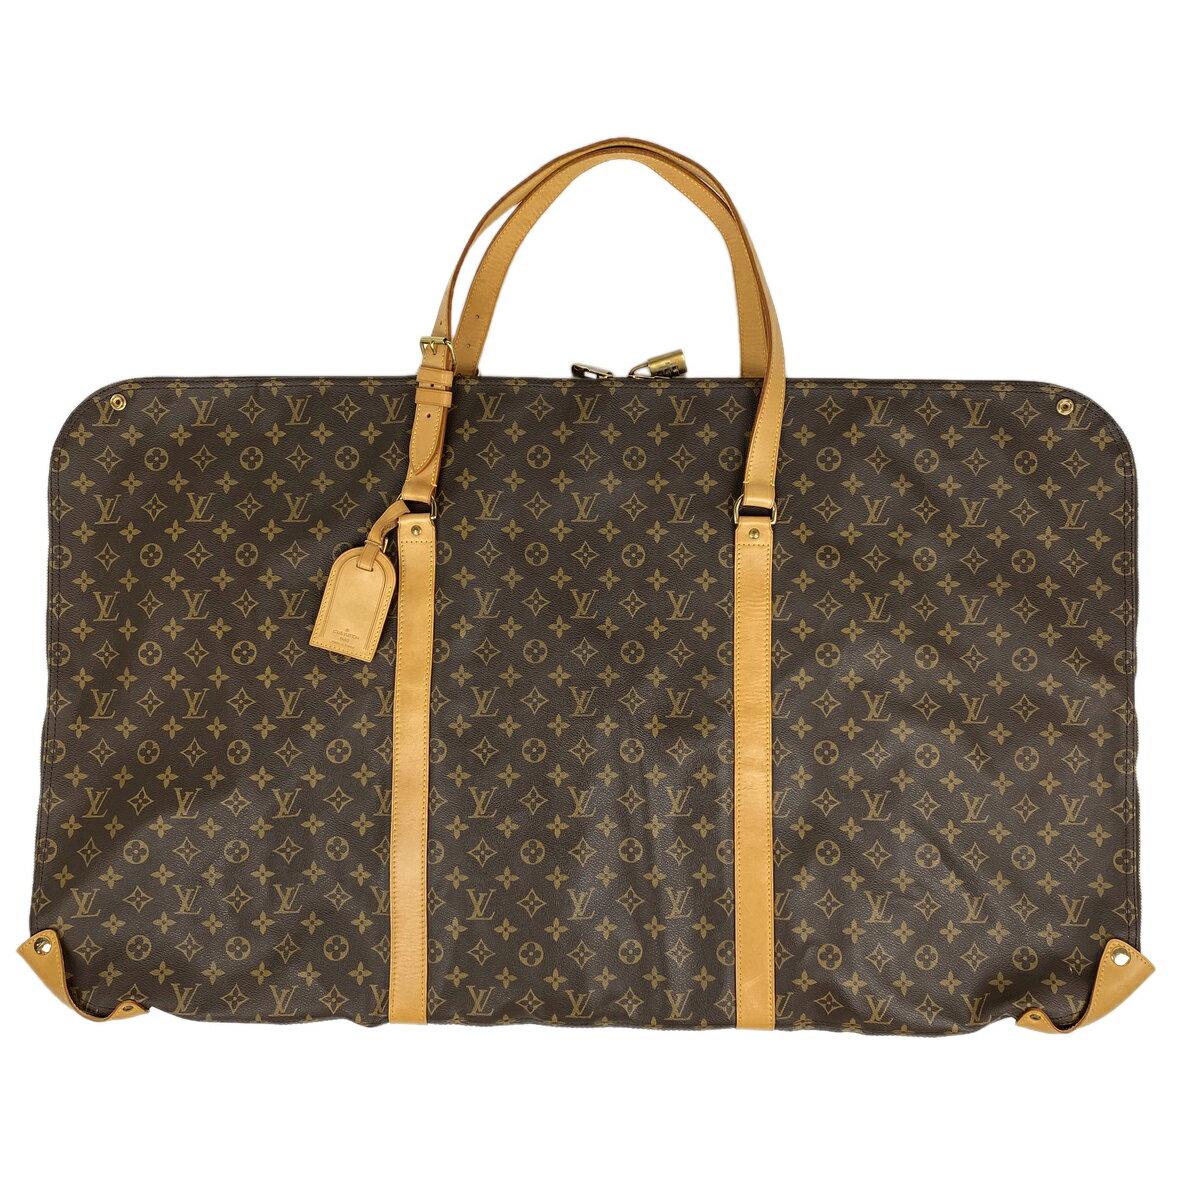 レディースバッグ, ショルダーバッグ・メッセンジャーバッグ  Louis Vuitton M41225 msp39perb